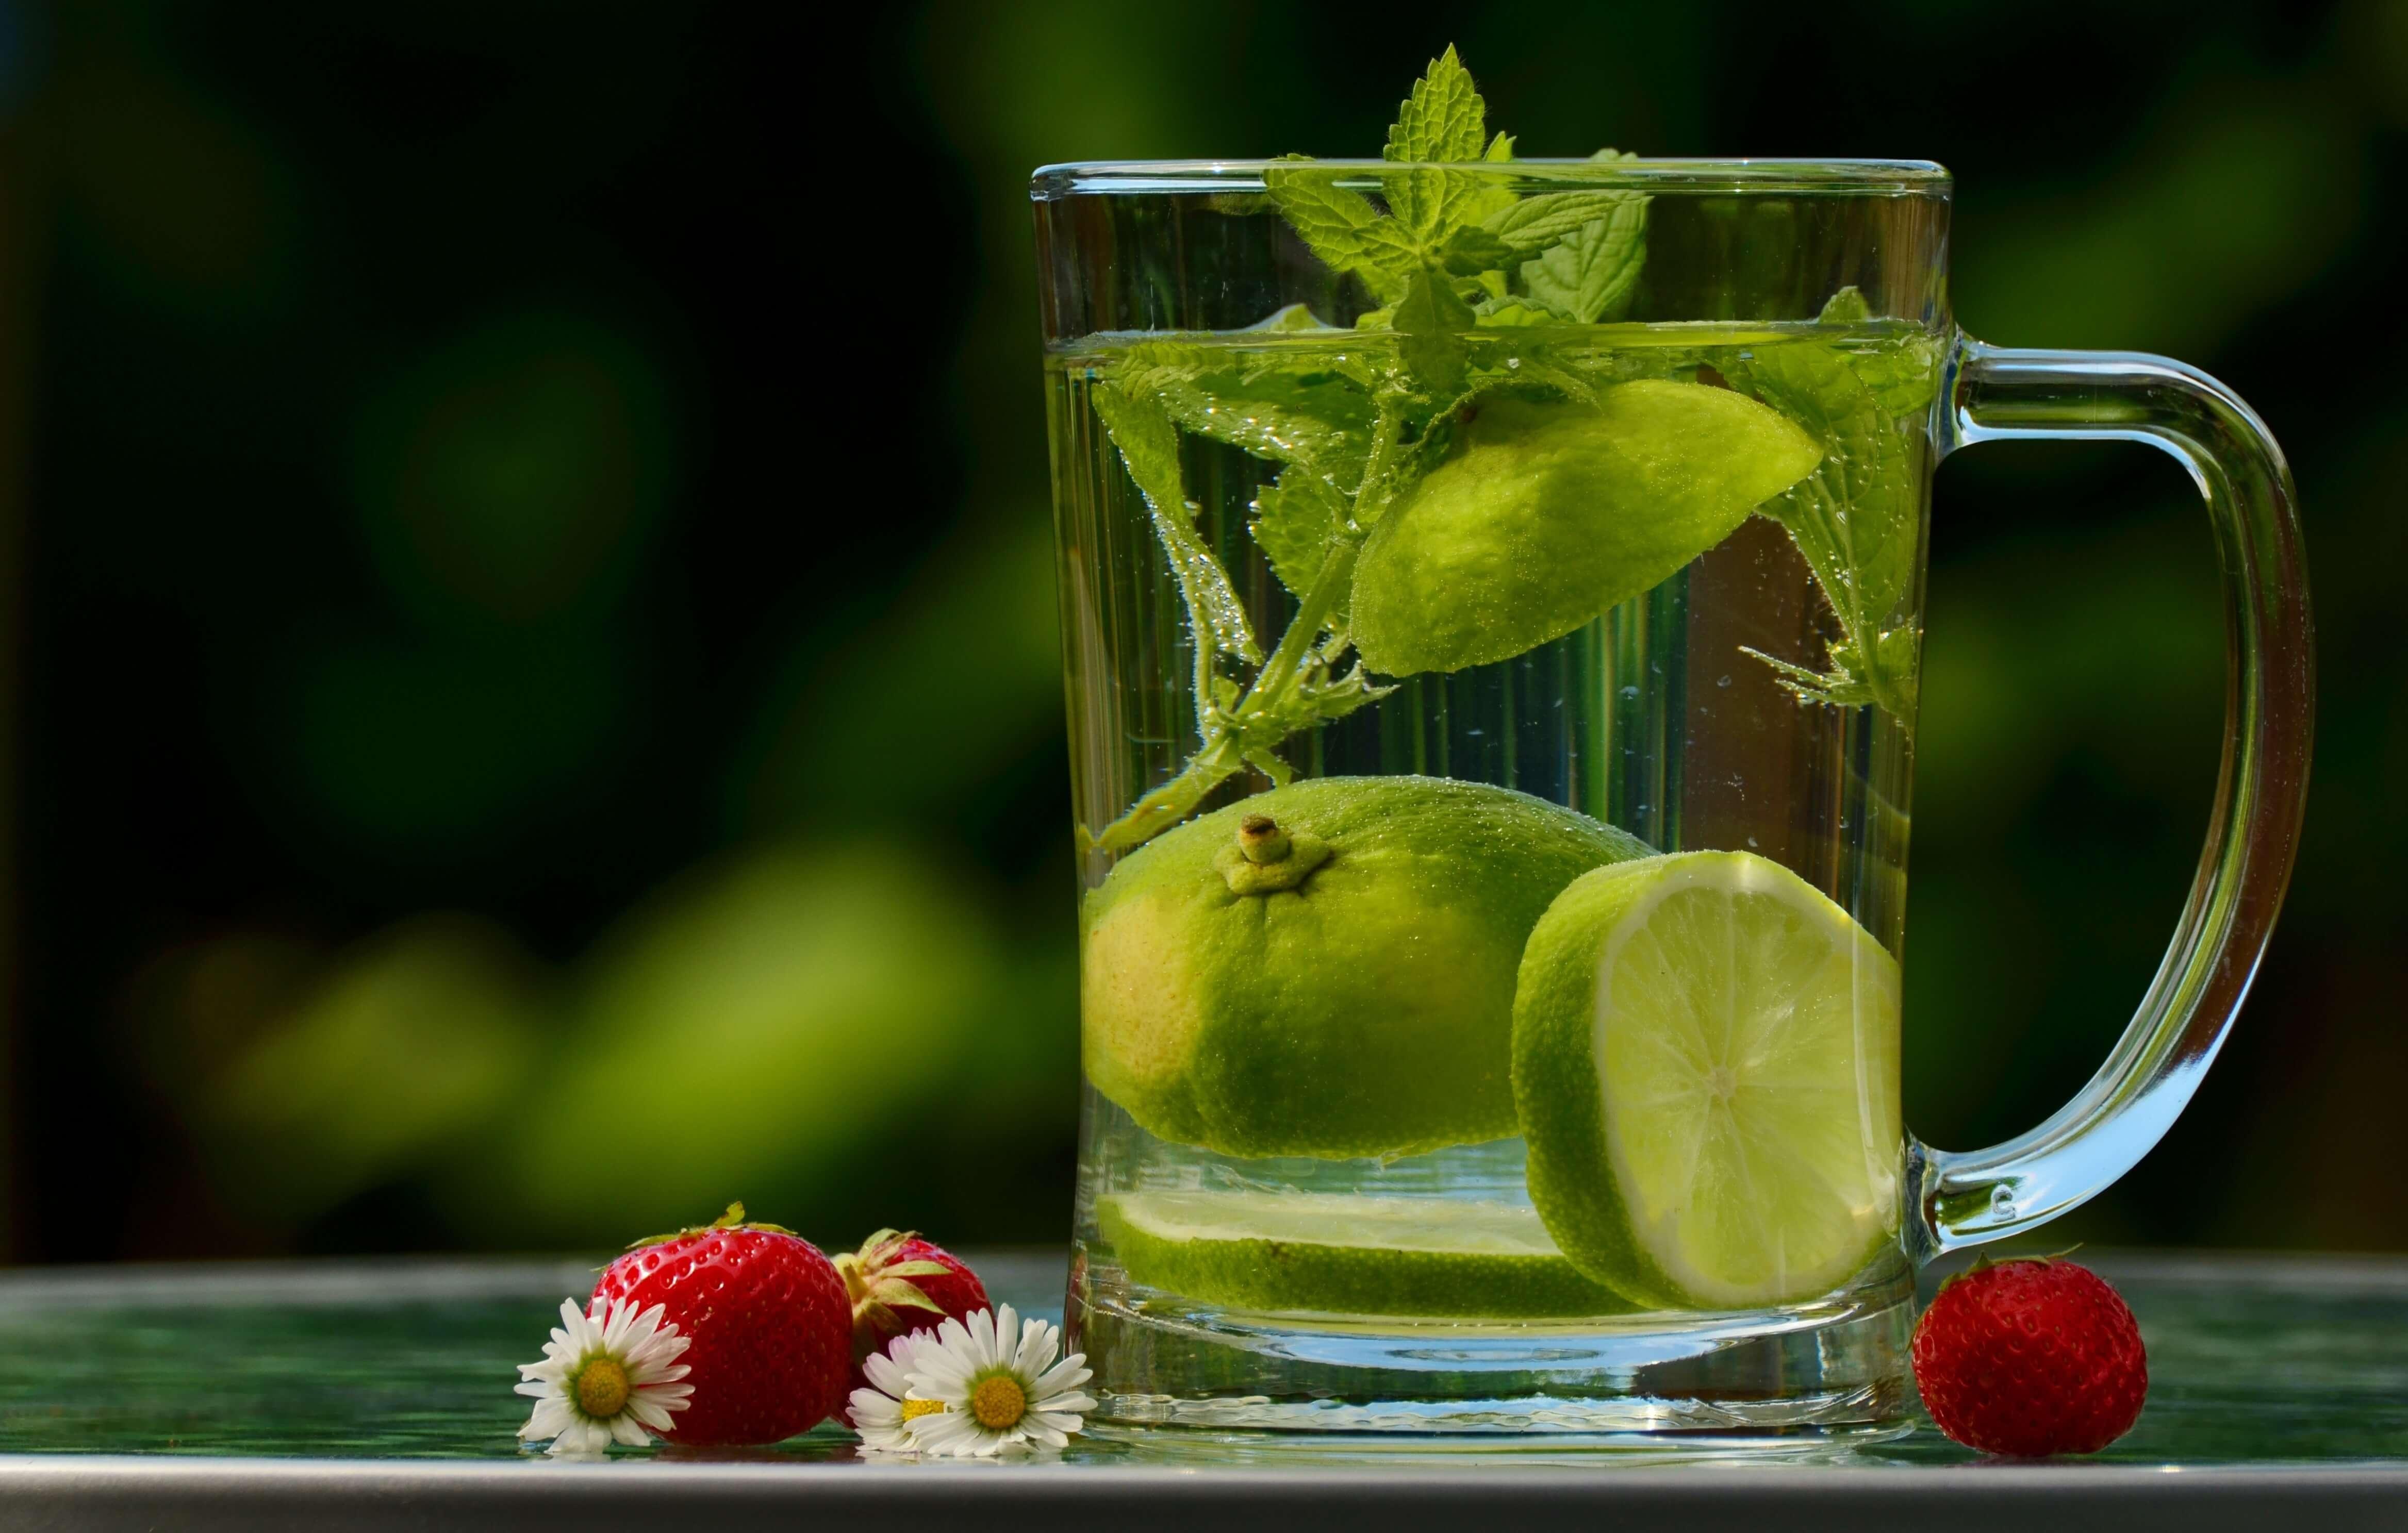 Leere Kalorien aus Getränken machen dich dick Ungesunde Getränke gehören zu den häufigsten Abnehmfehlern